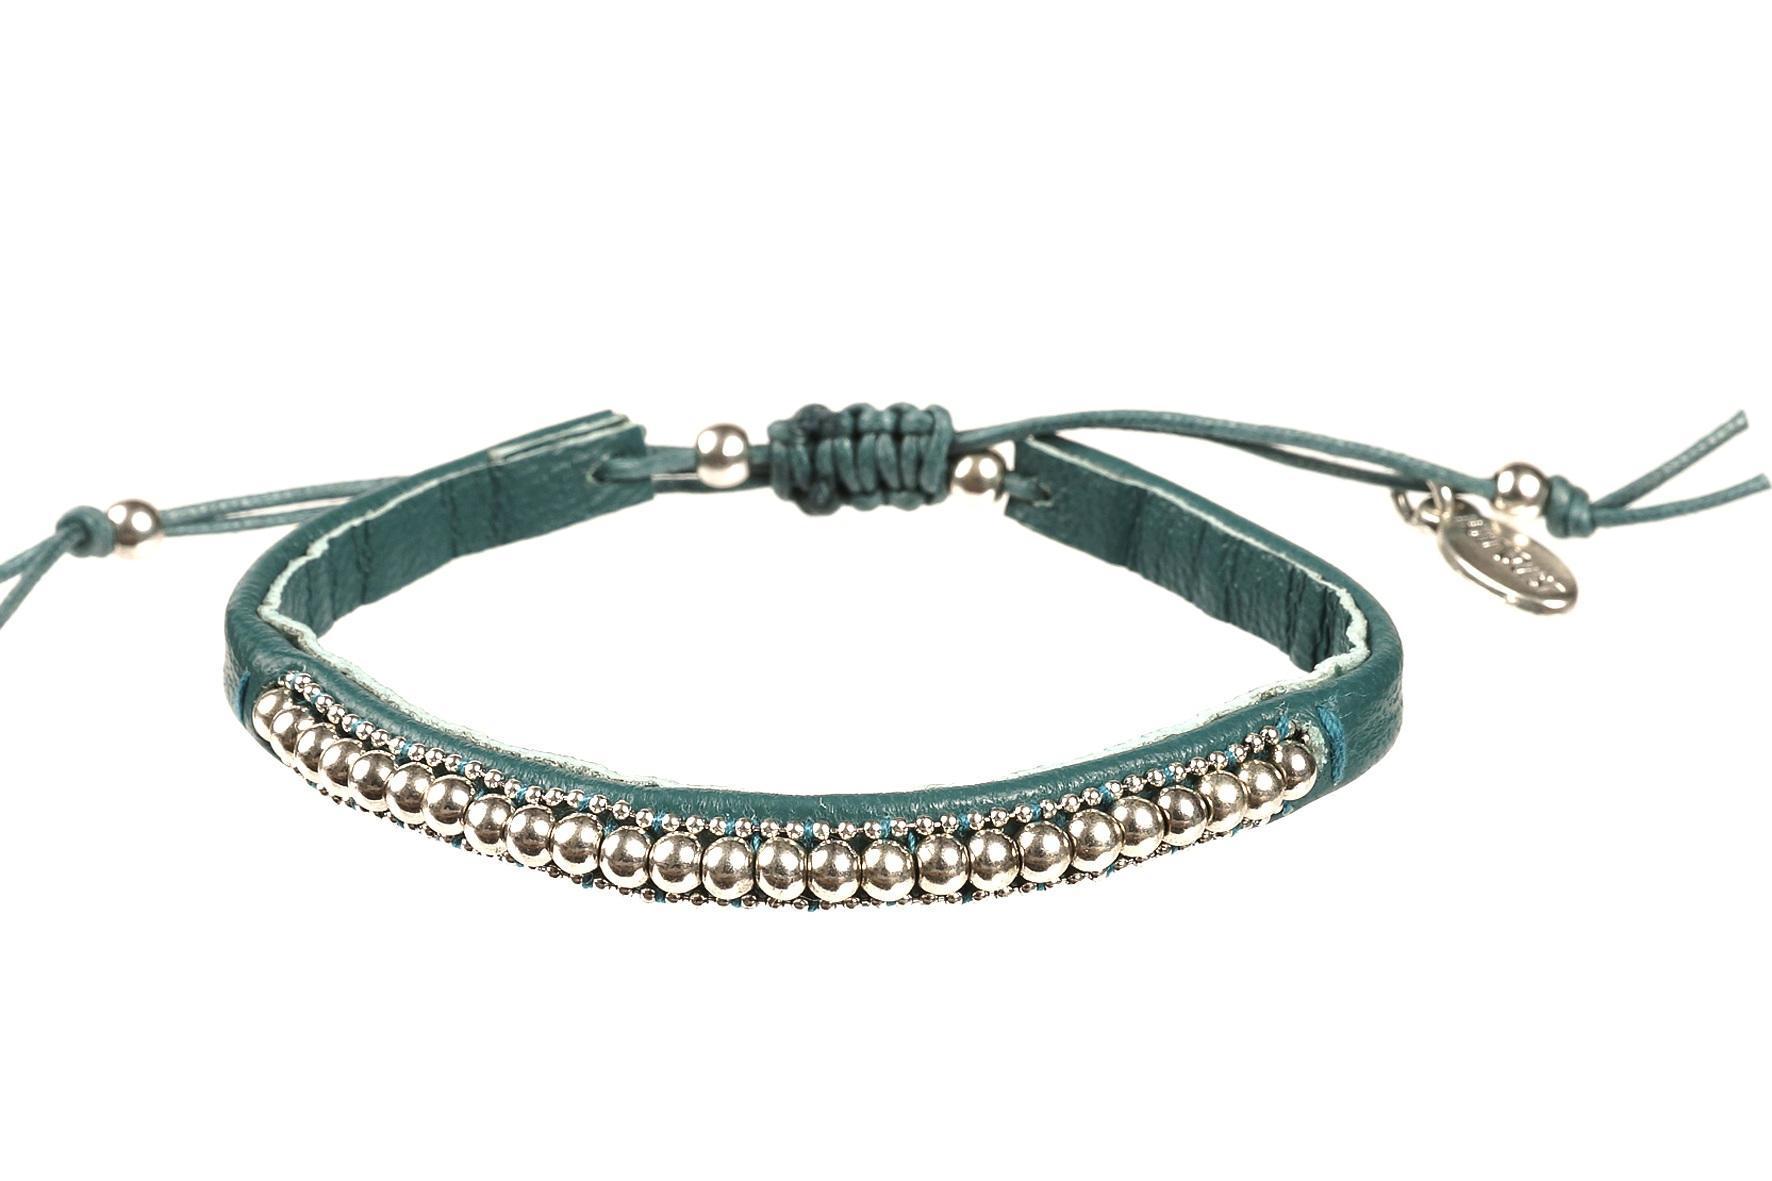 HULTQUIST Kožený náramek Green/silver, zelená barva B291007303E